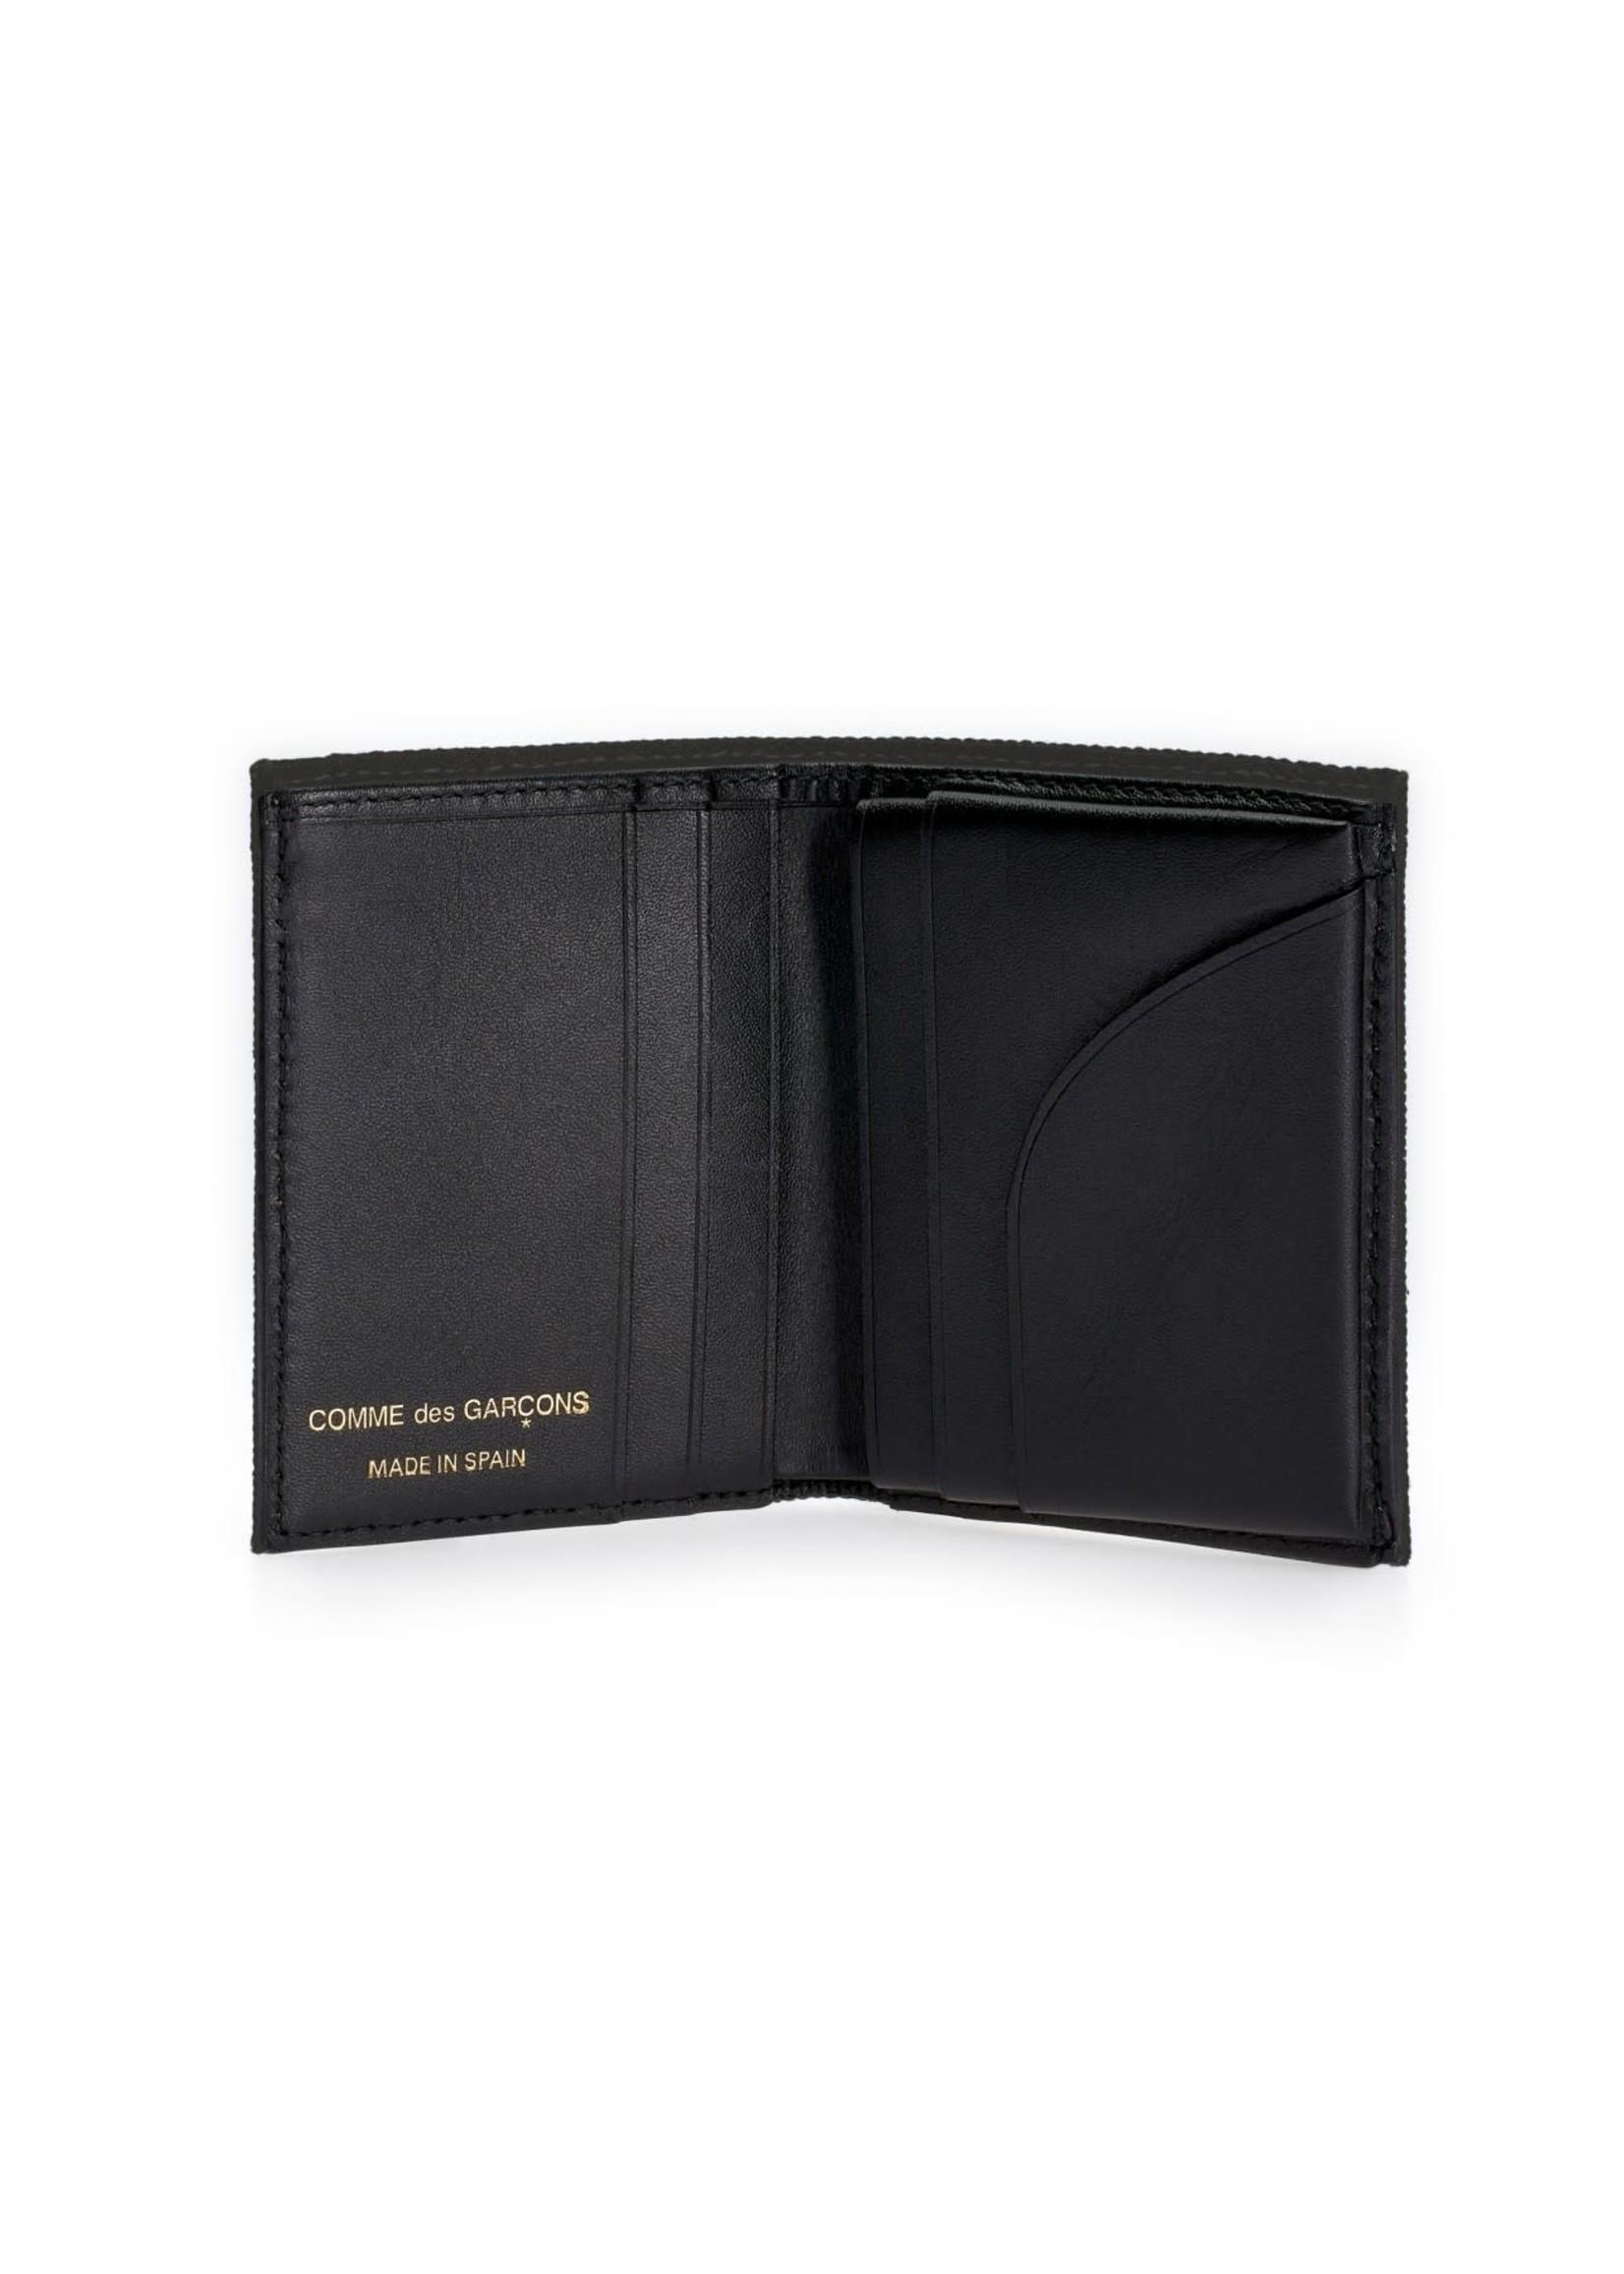 COMME des GARÇONS WALLET Rubber Dot Bifold Wallet